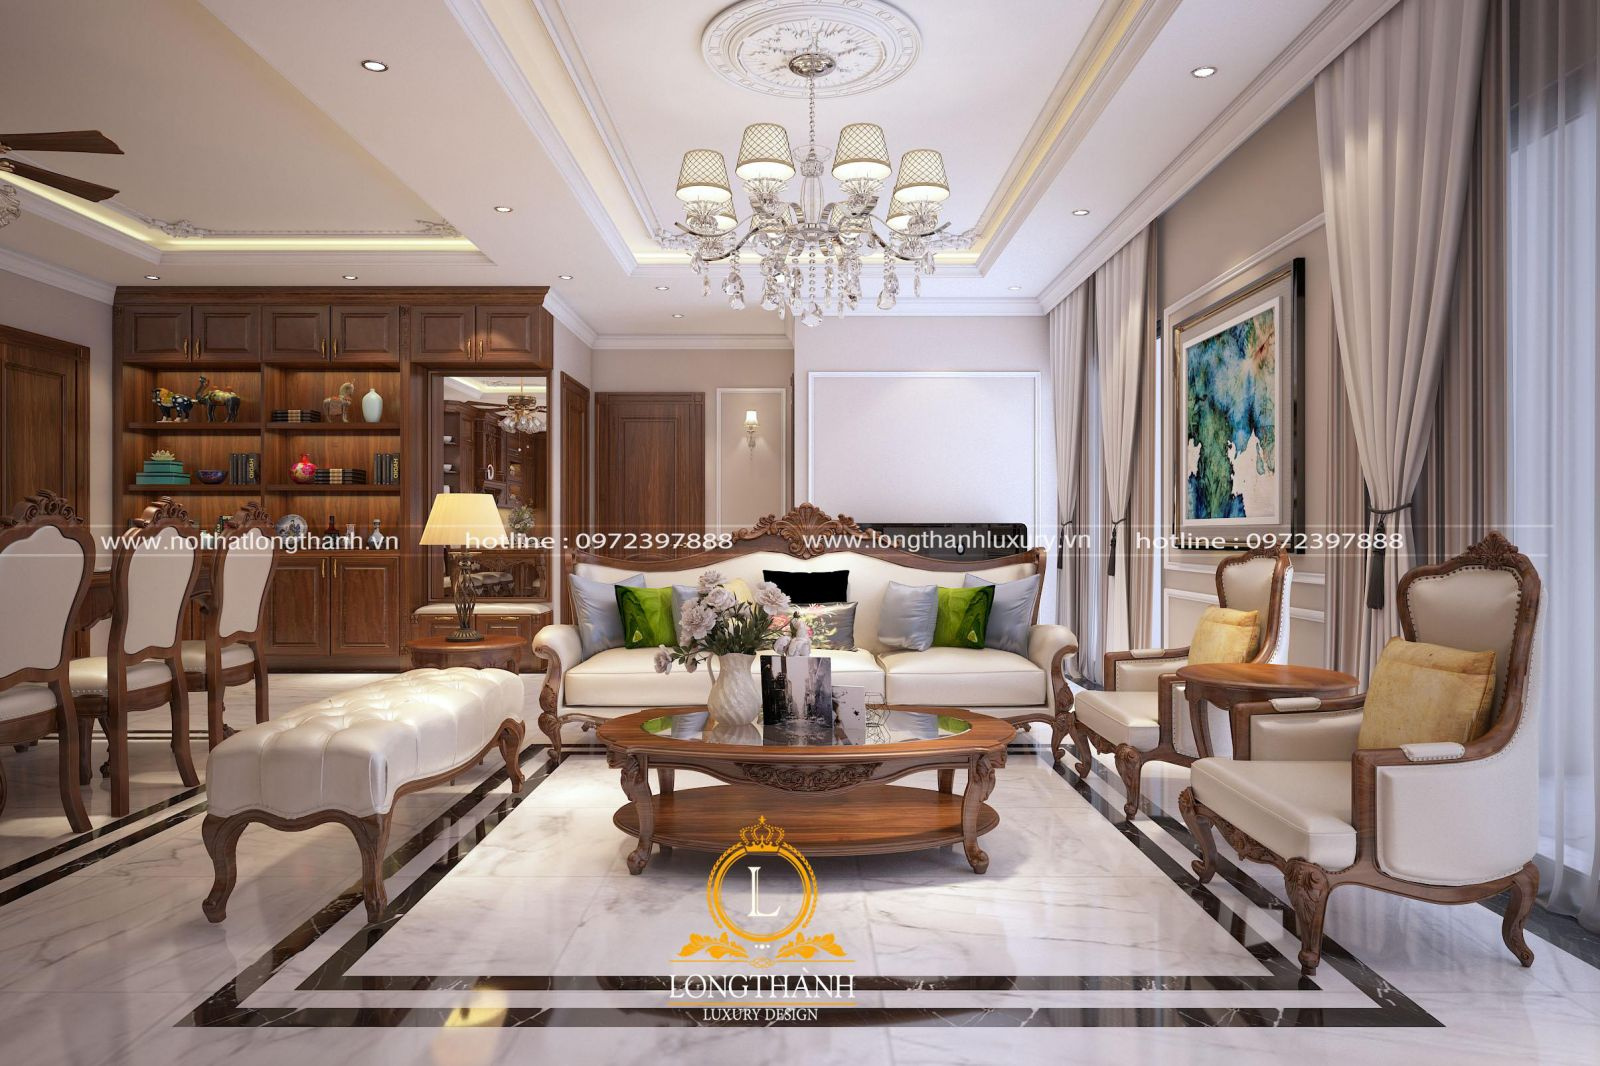 Phòng khách tân cổ điển với thiết kế đơn giản